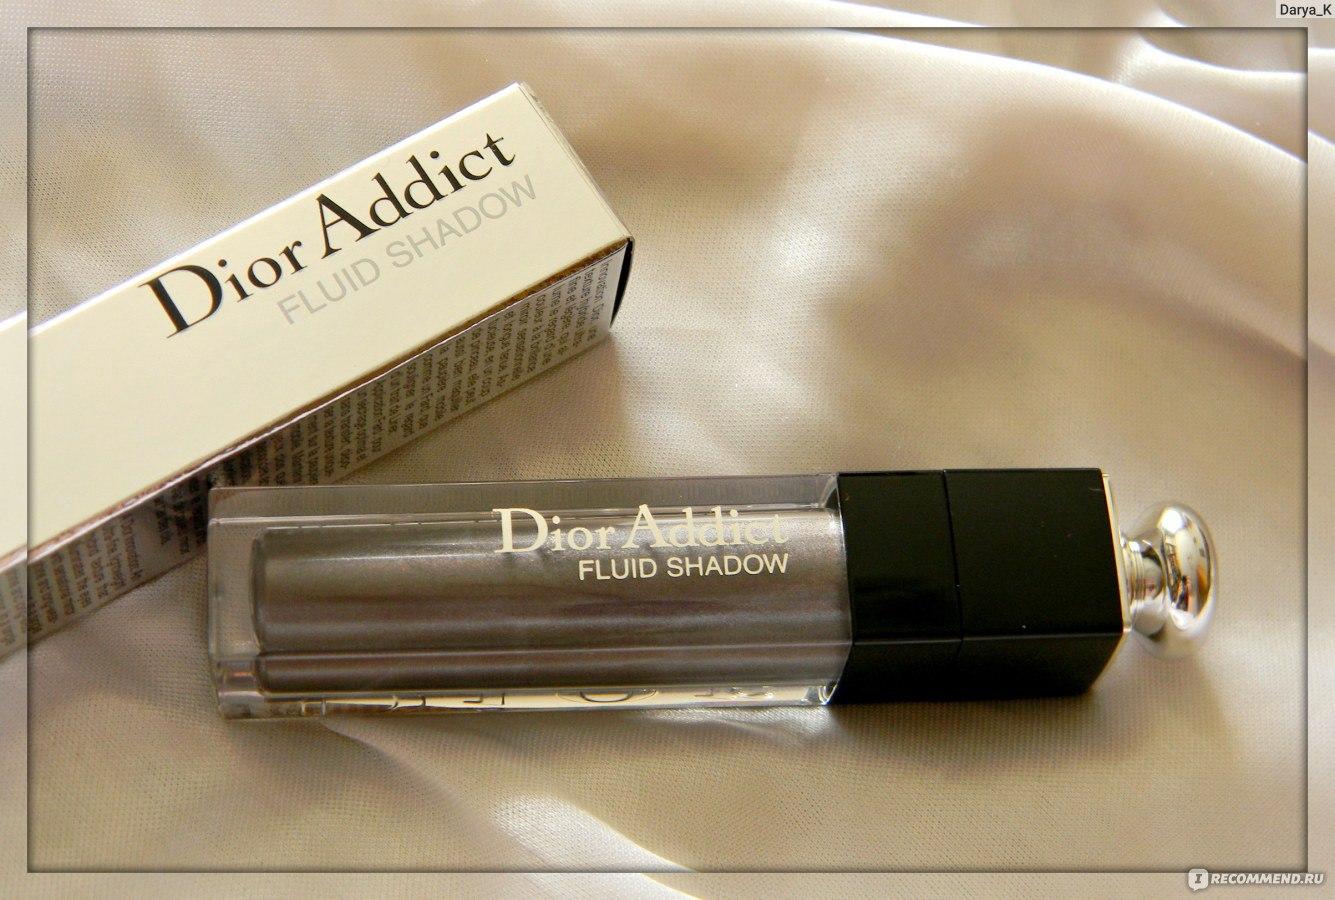 Тени для век Dior Addict Fluid Shadow - «Затмение на моих глазах ! С ... a3864d79d5d15